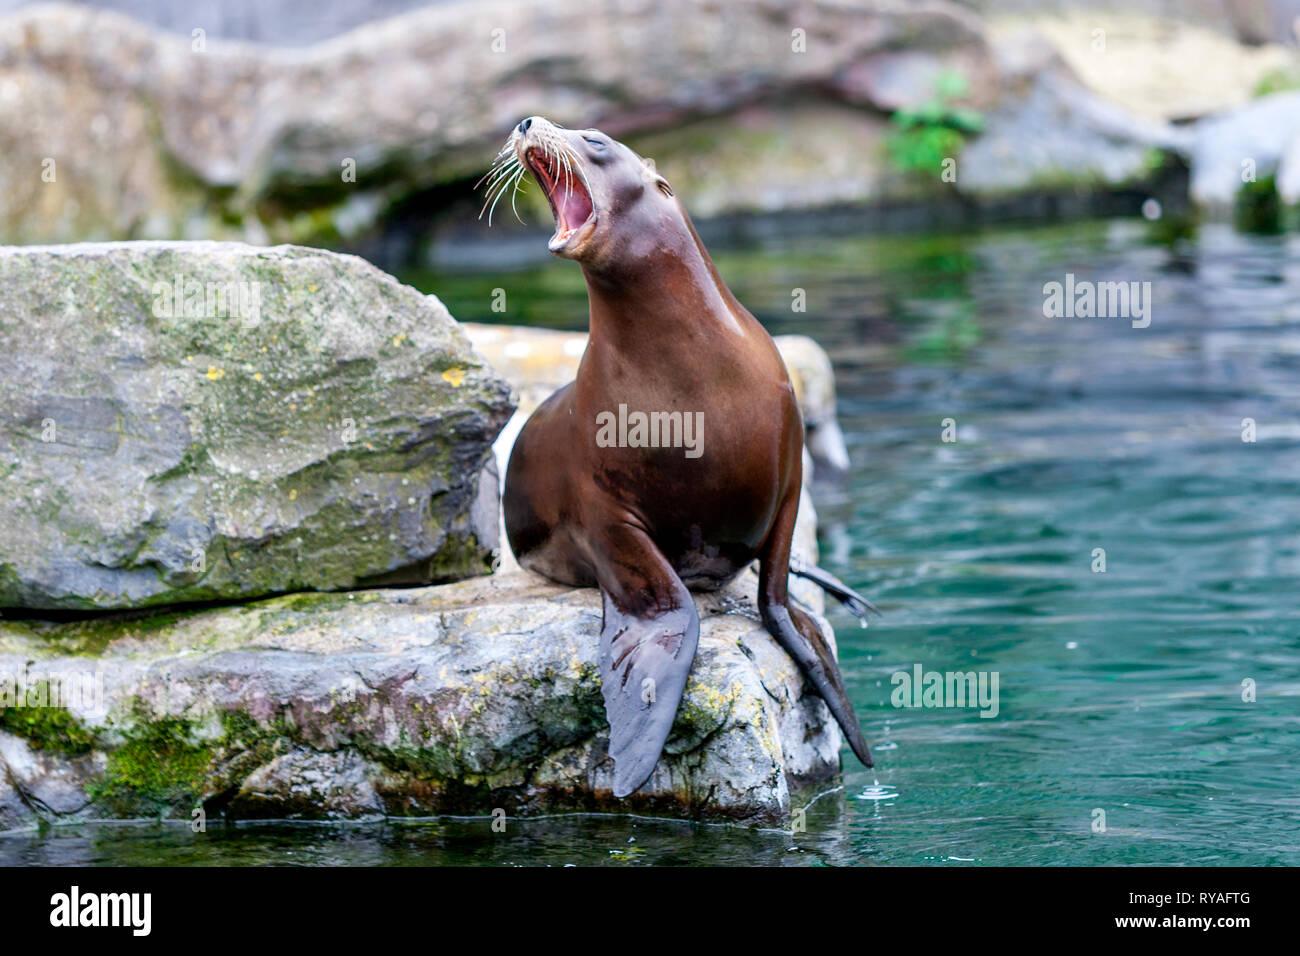 Ein kalifornischer Seeloewe in der ZOOM-Erlebniswelt Gelsenkirchen, 01.07.2016 Foto: Mario Hommes - Stock Image